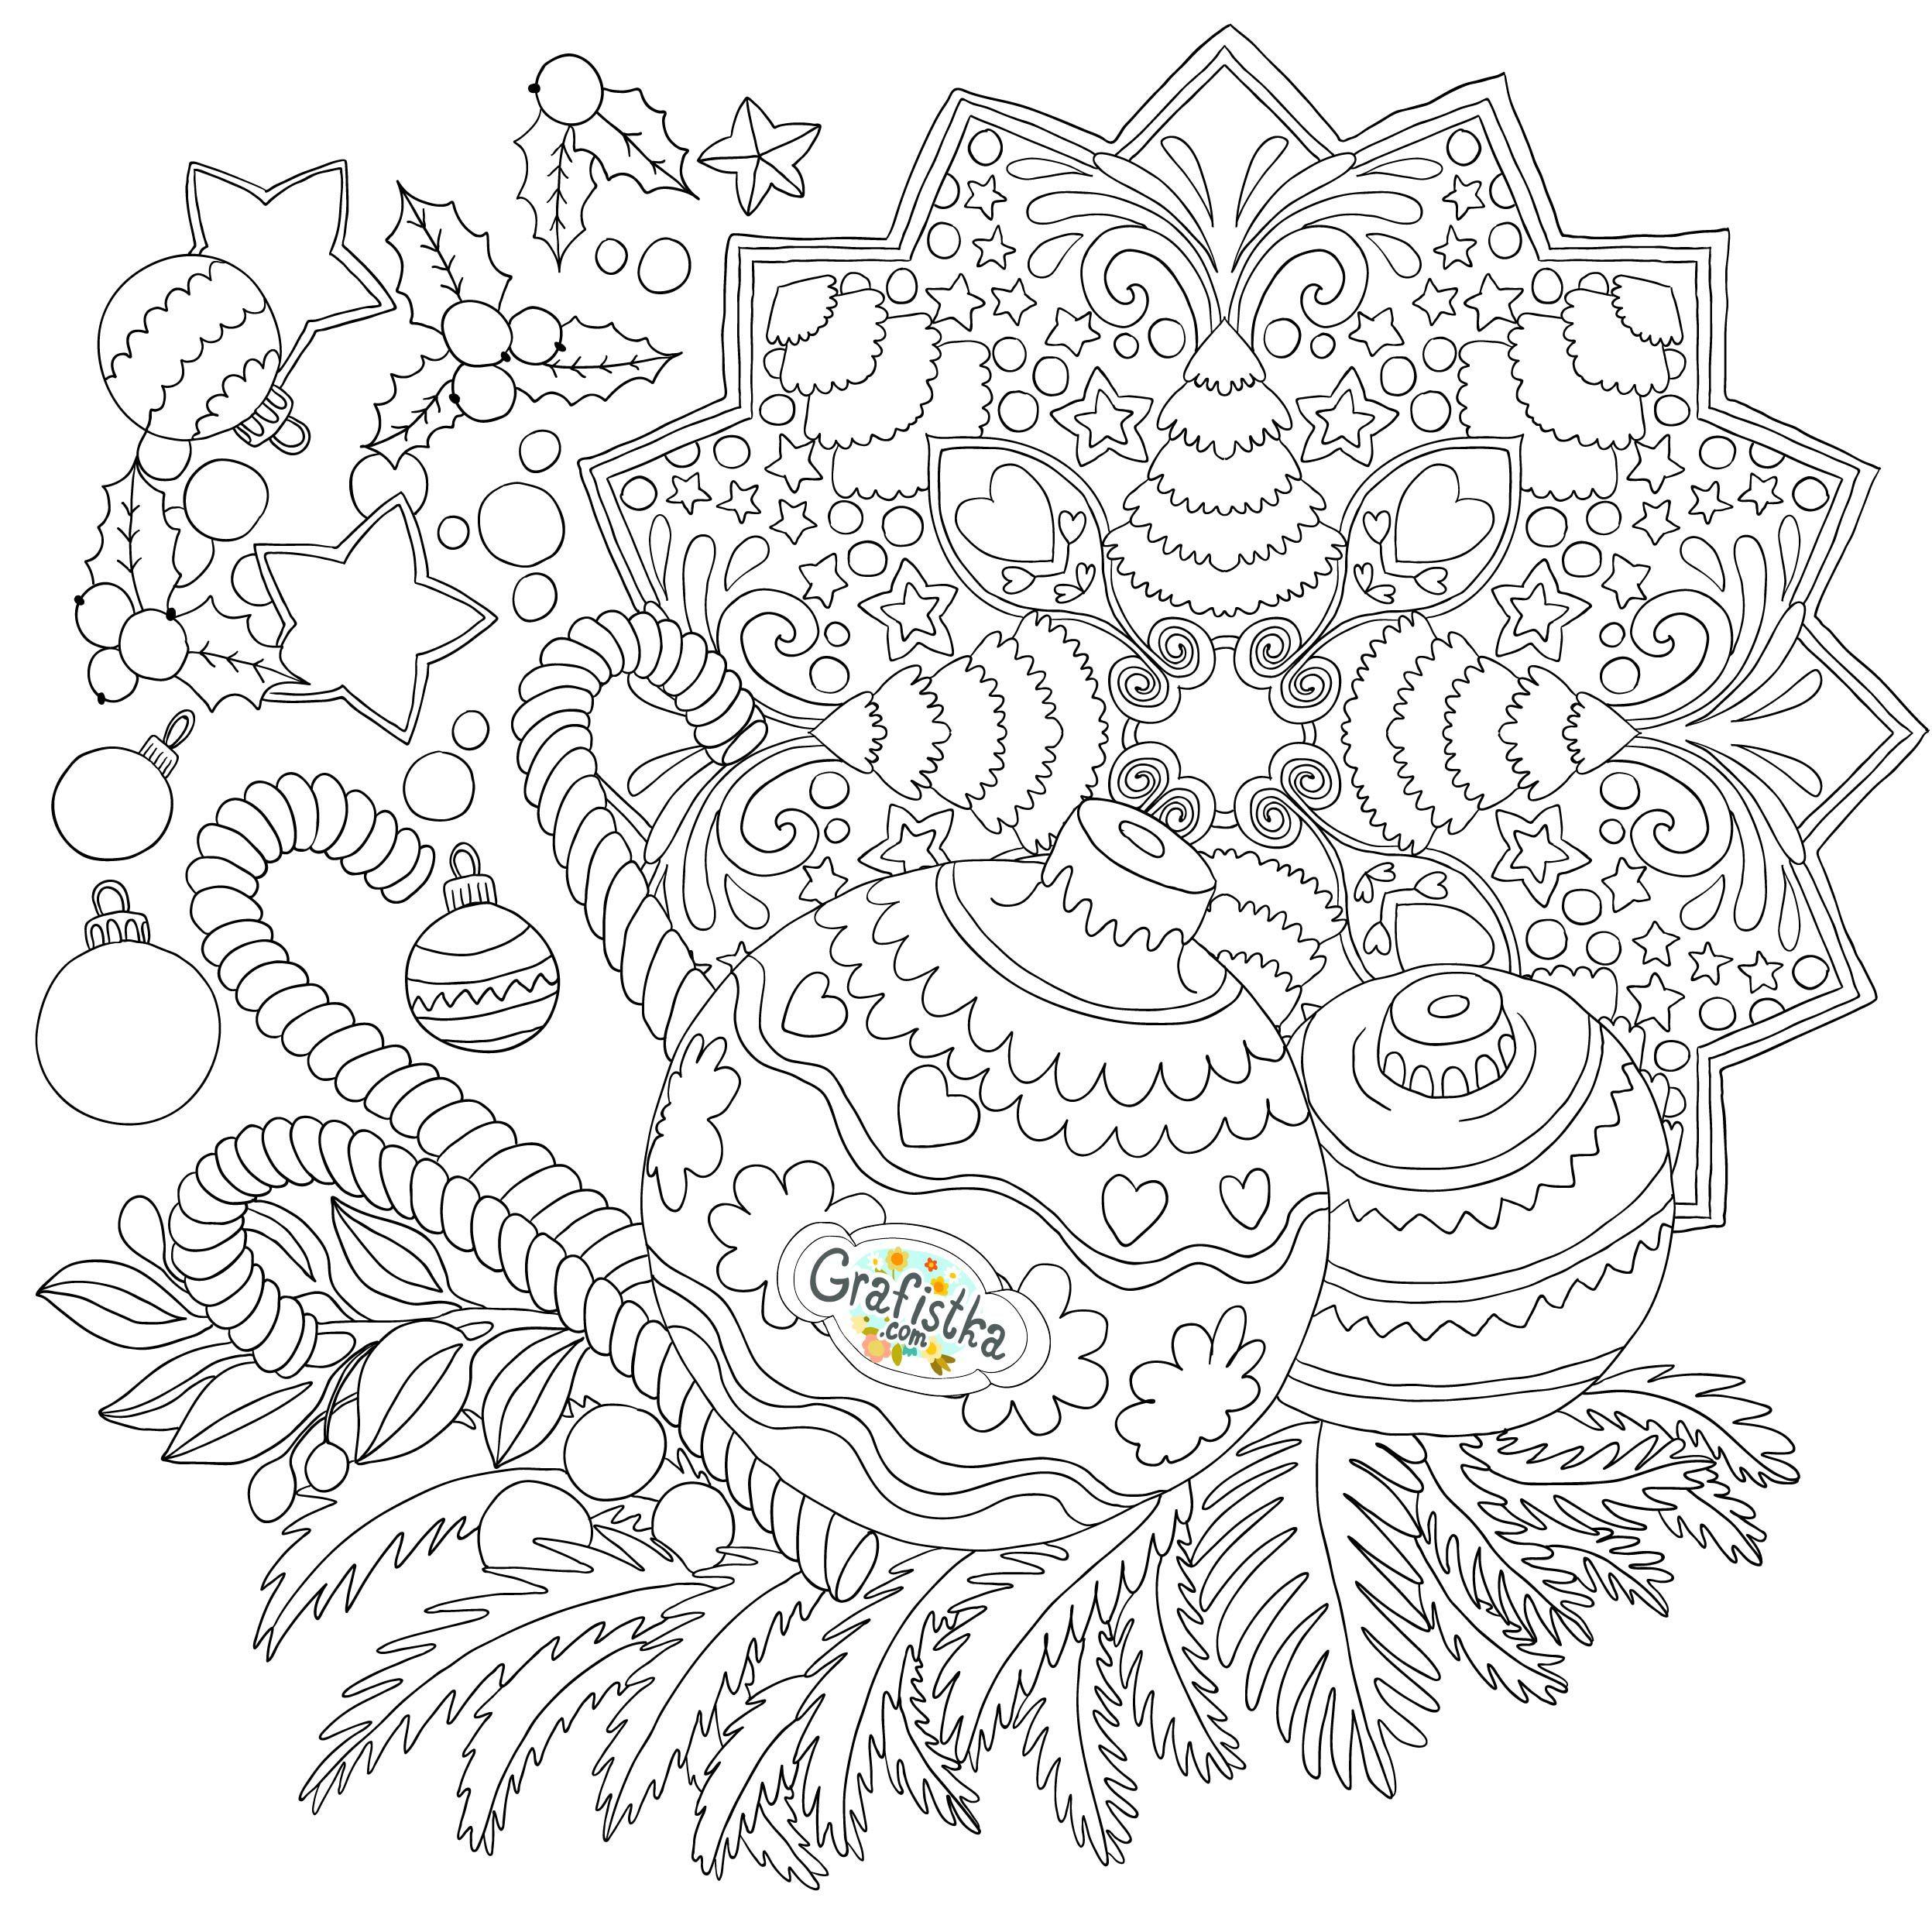 Скачать новогоднюю раскраску | Christmas coloring pages ...